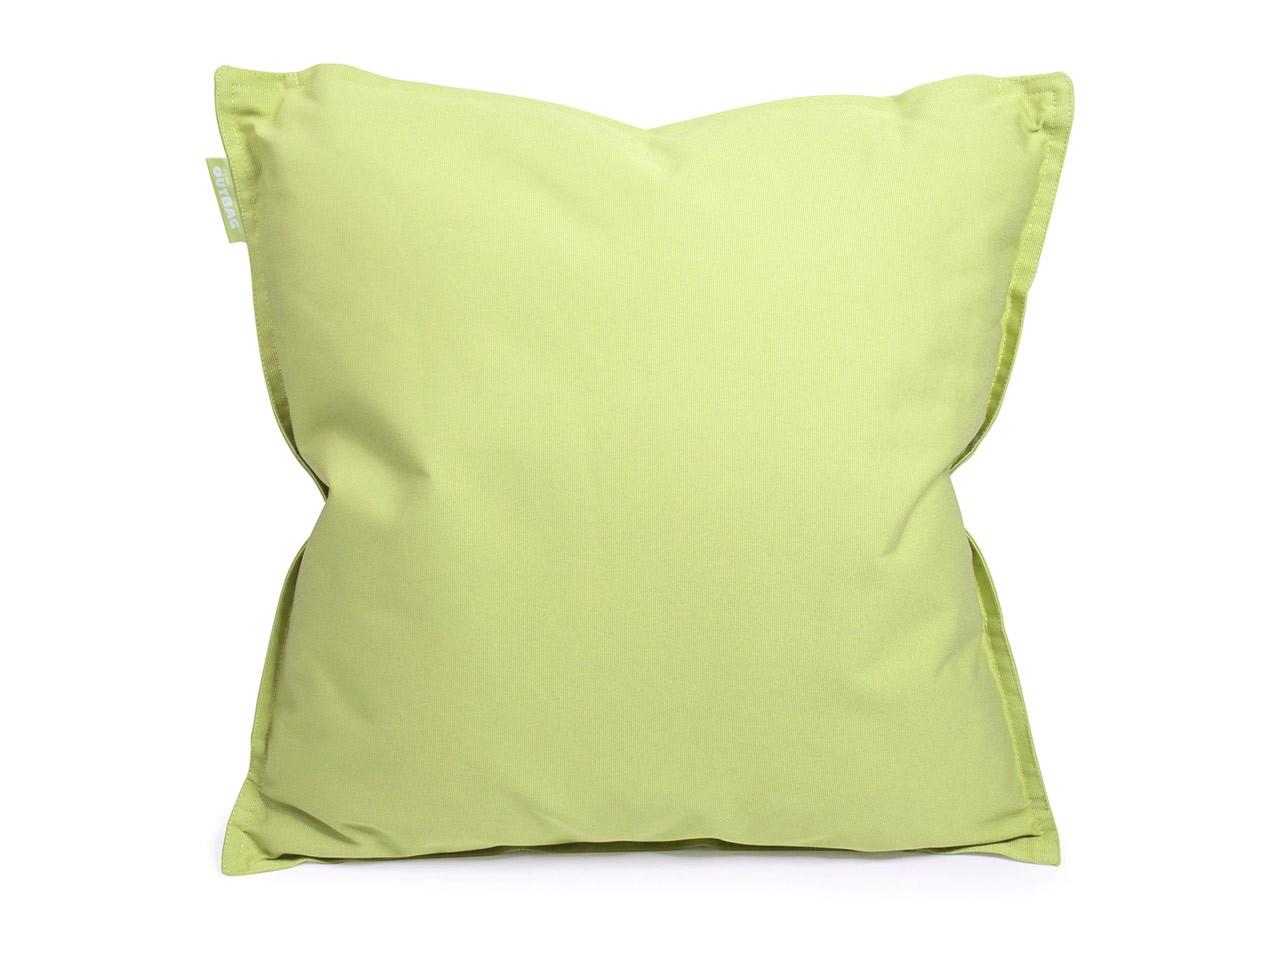 Outbag Sitzkissen Meadow 01MEAPLU-LIM plus lime